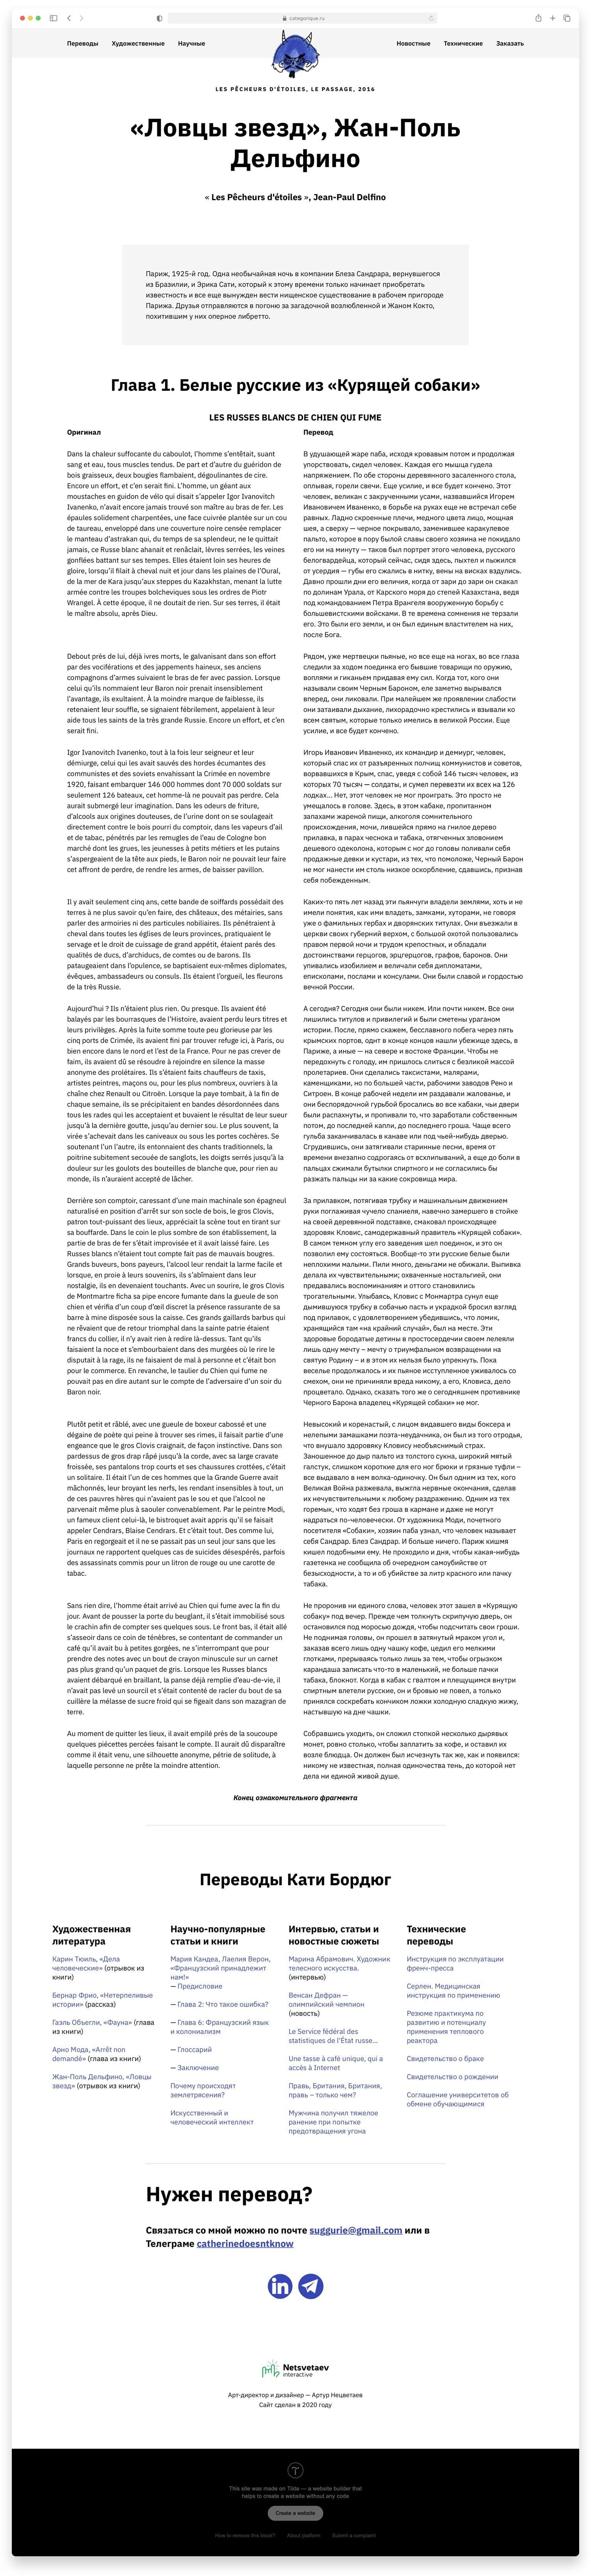 Categorique.ru — сайт переводчика Сайт Артура Нецветаева — сайты, приложения, прототипы и оформление интерфейсов categorique project desktop 1 artur netsvetaev design